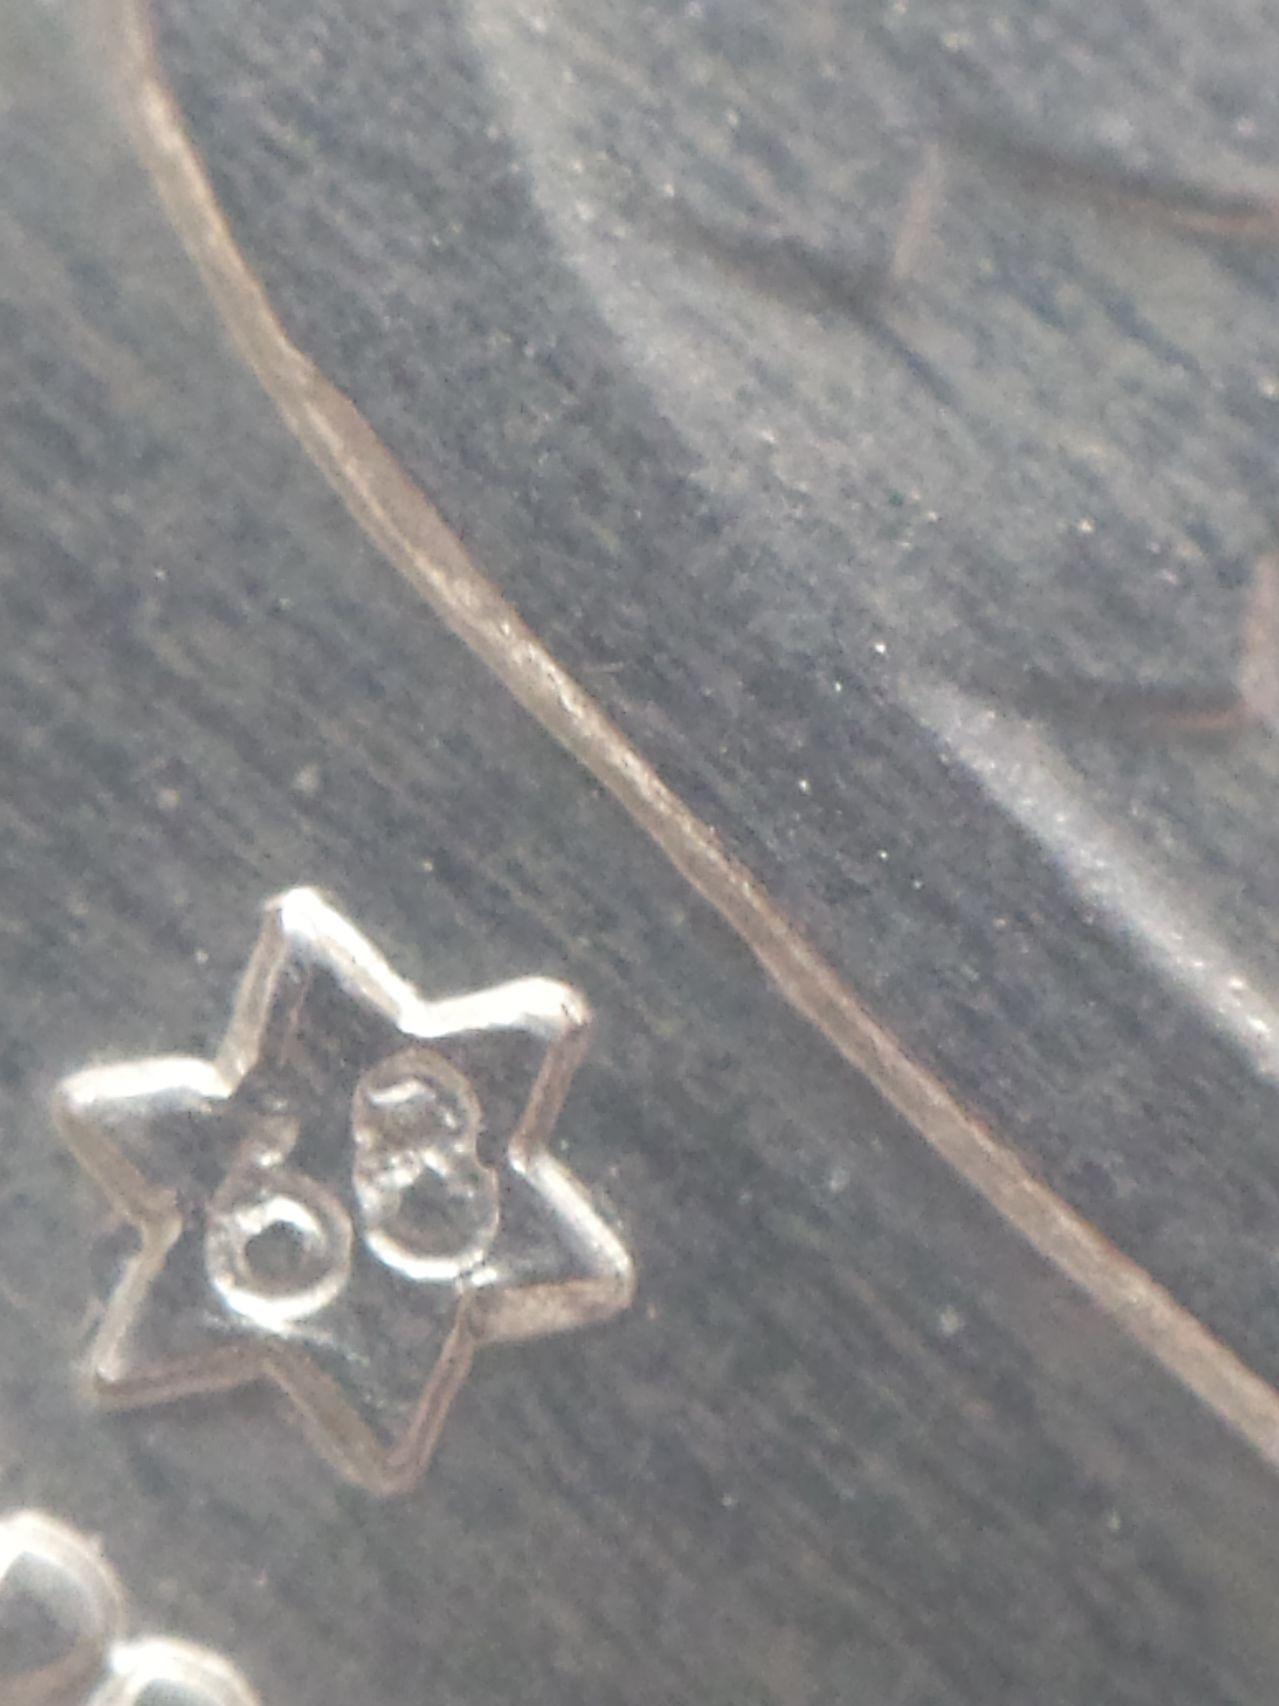 Identificación estrella 20150319_165144